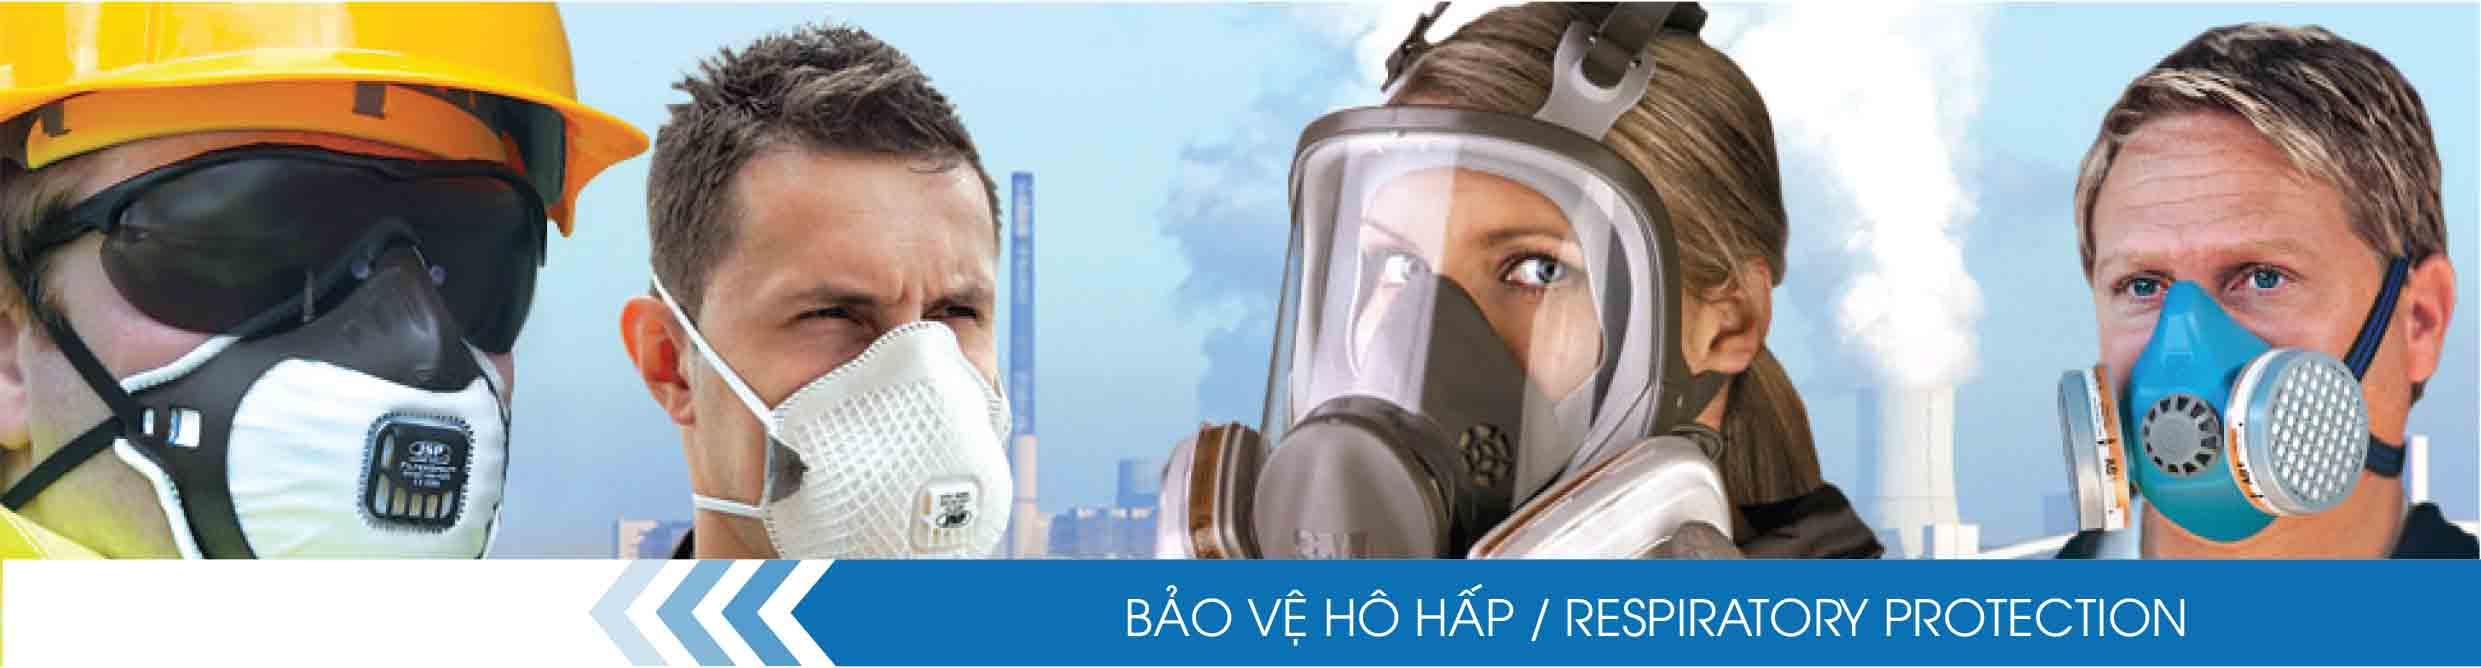 Bảo vệ hô hấp